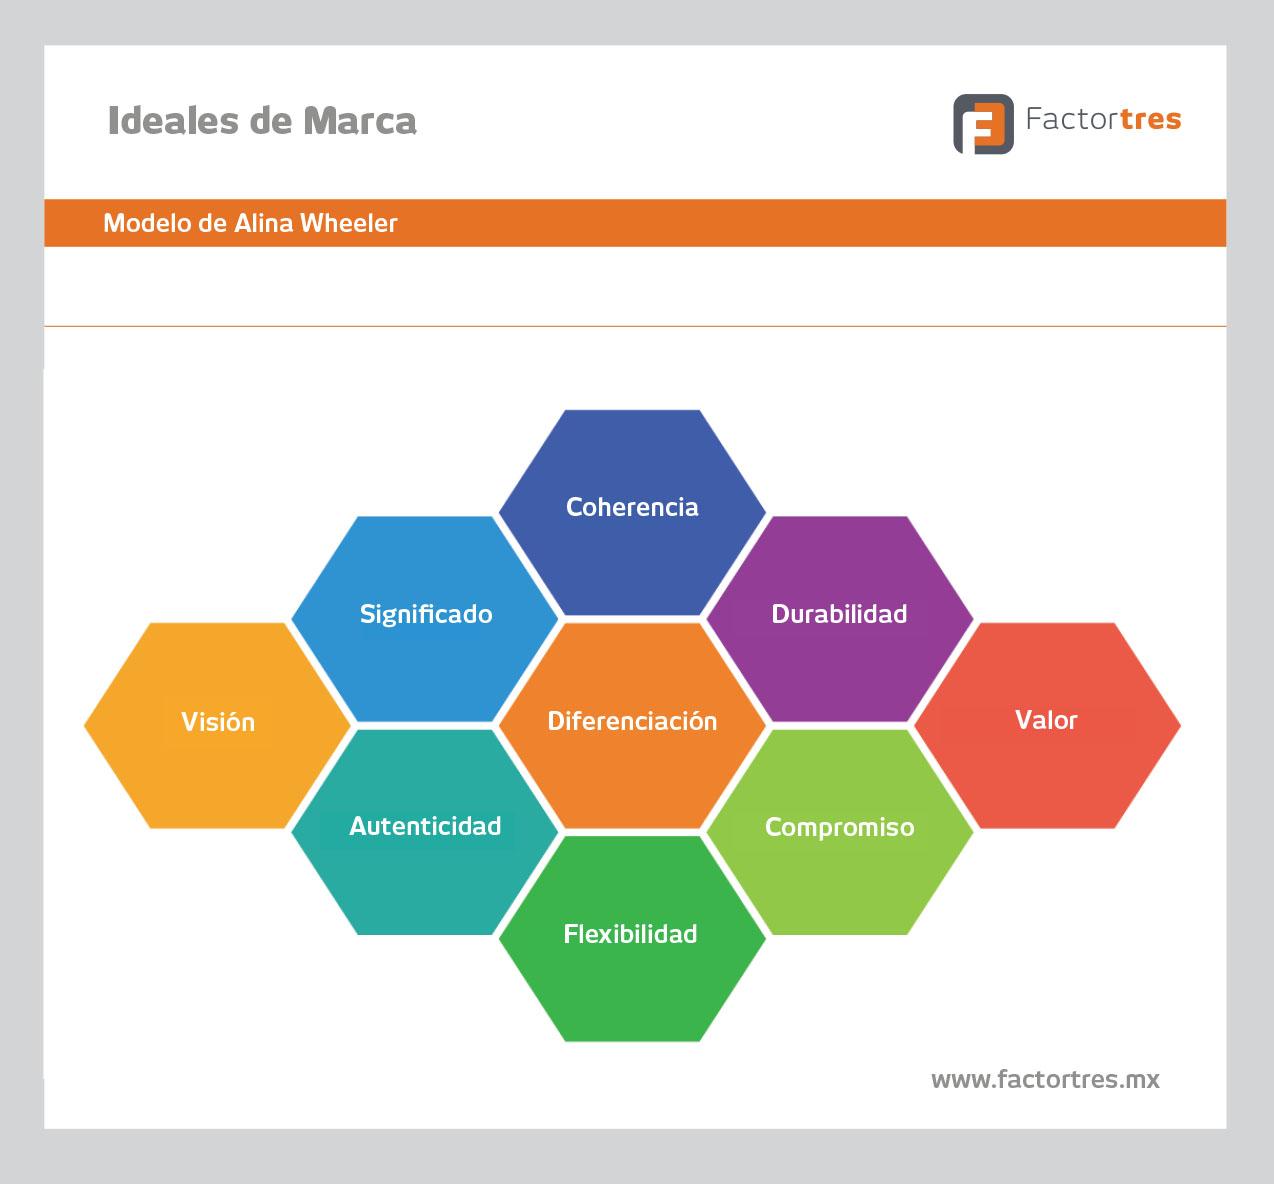 Ideales_de_Marca_RCordova